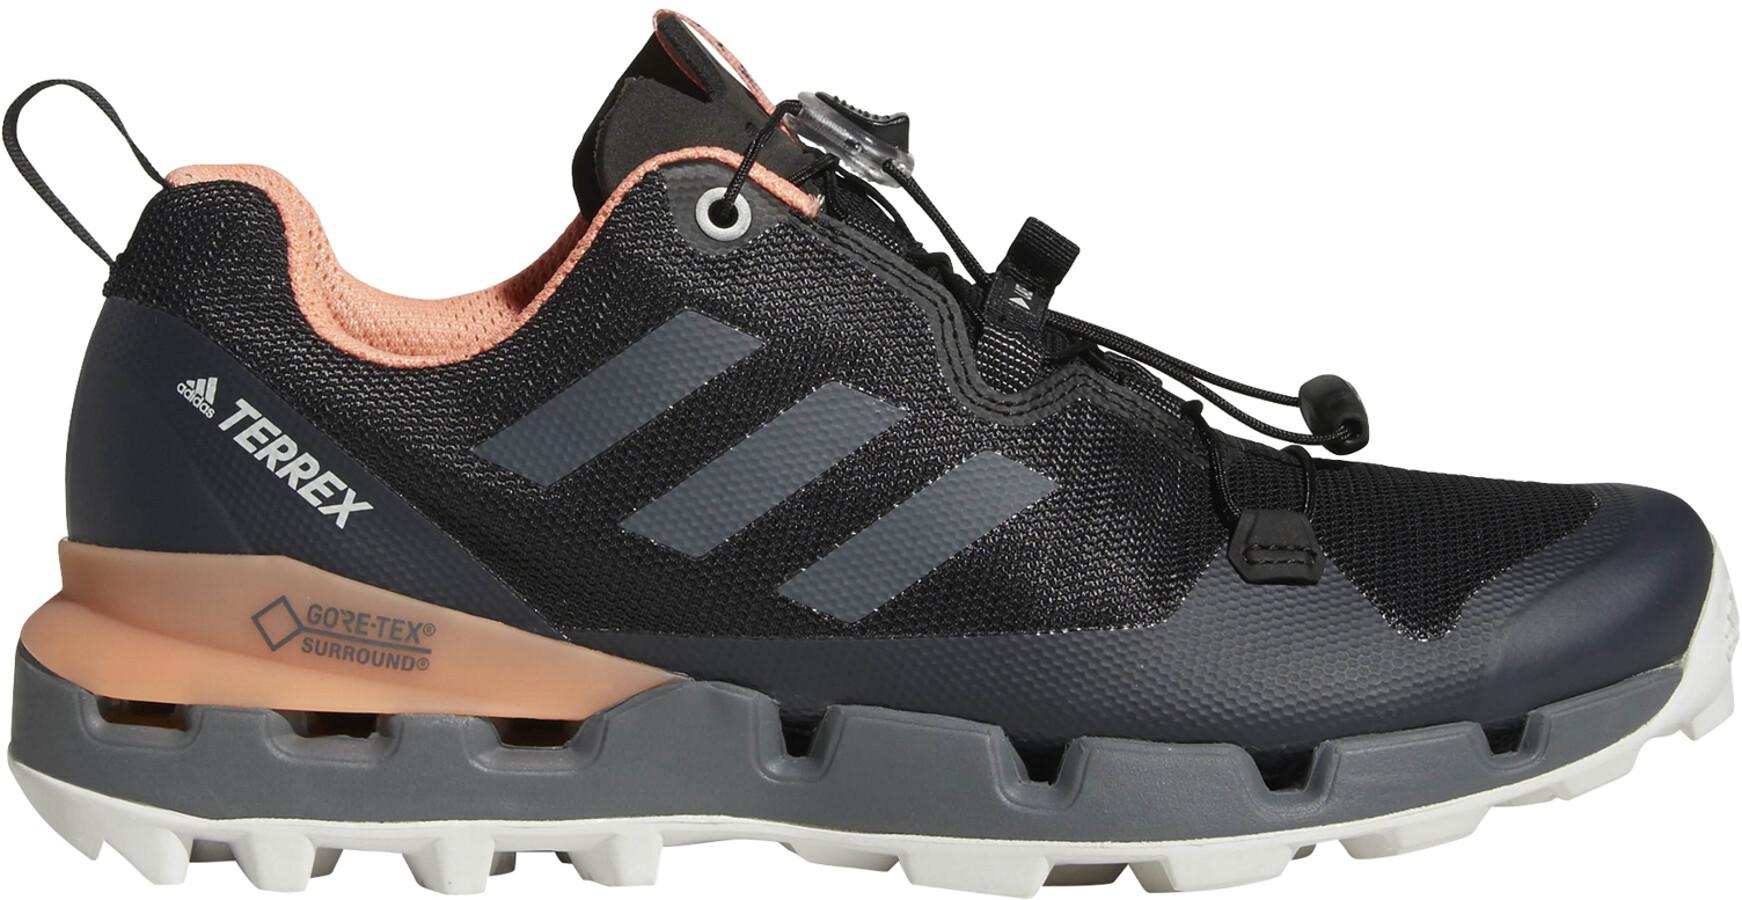 Terrex Gtx Fast Chaussures Femme Adidas Surround Running Gris yb76Ygfv